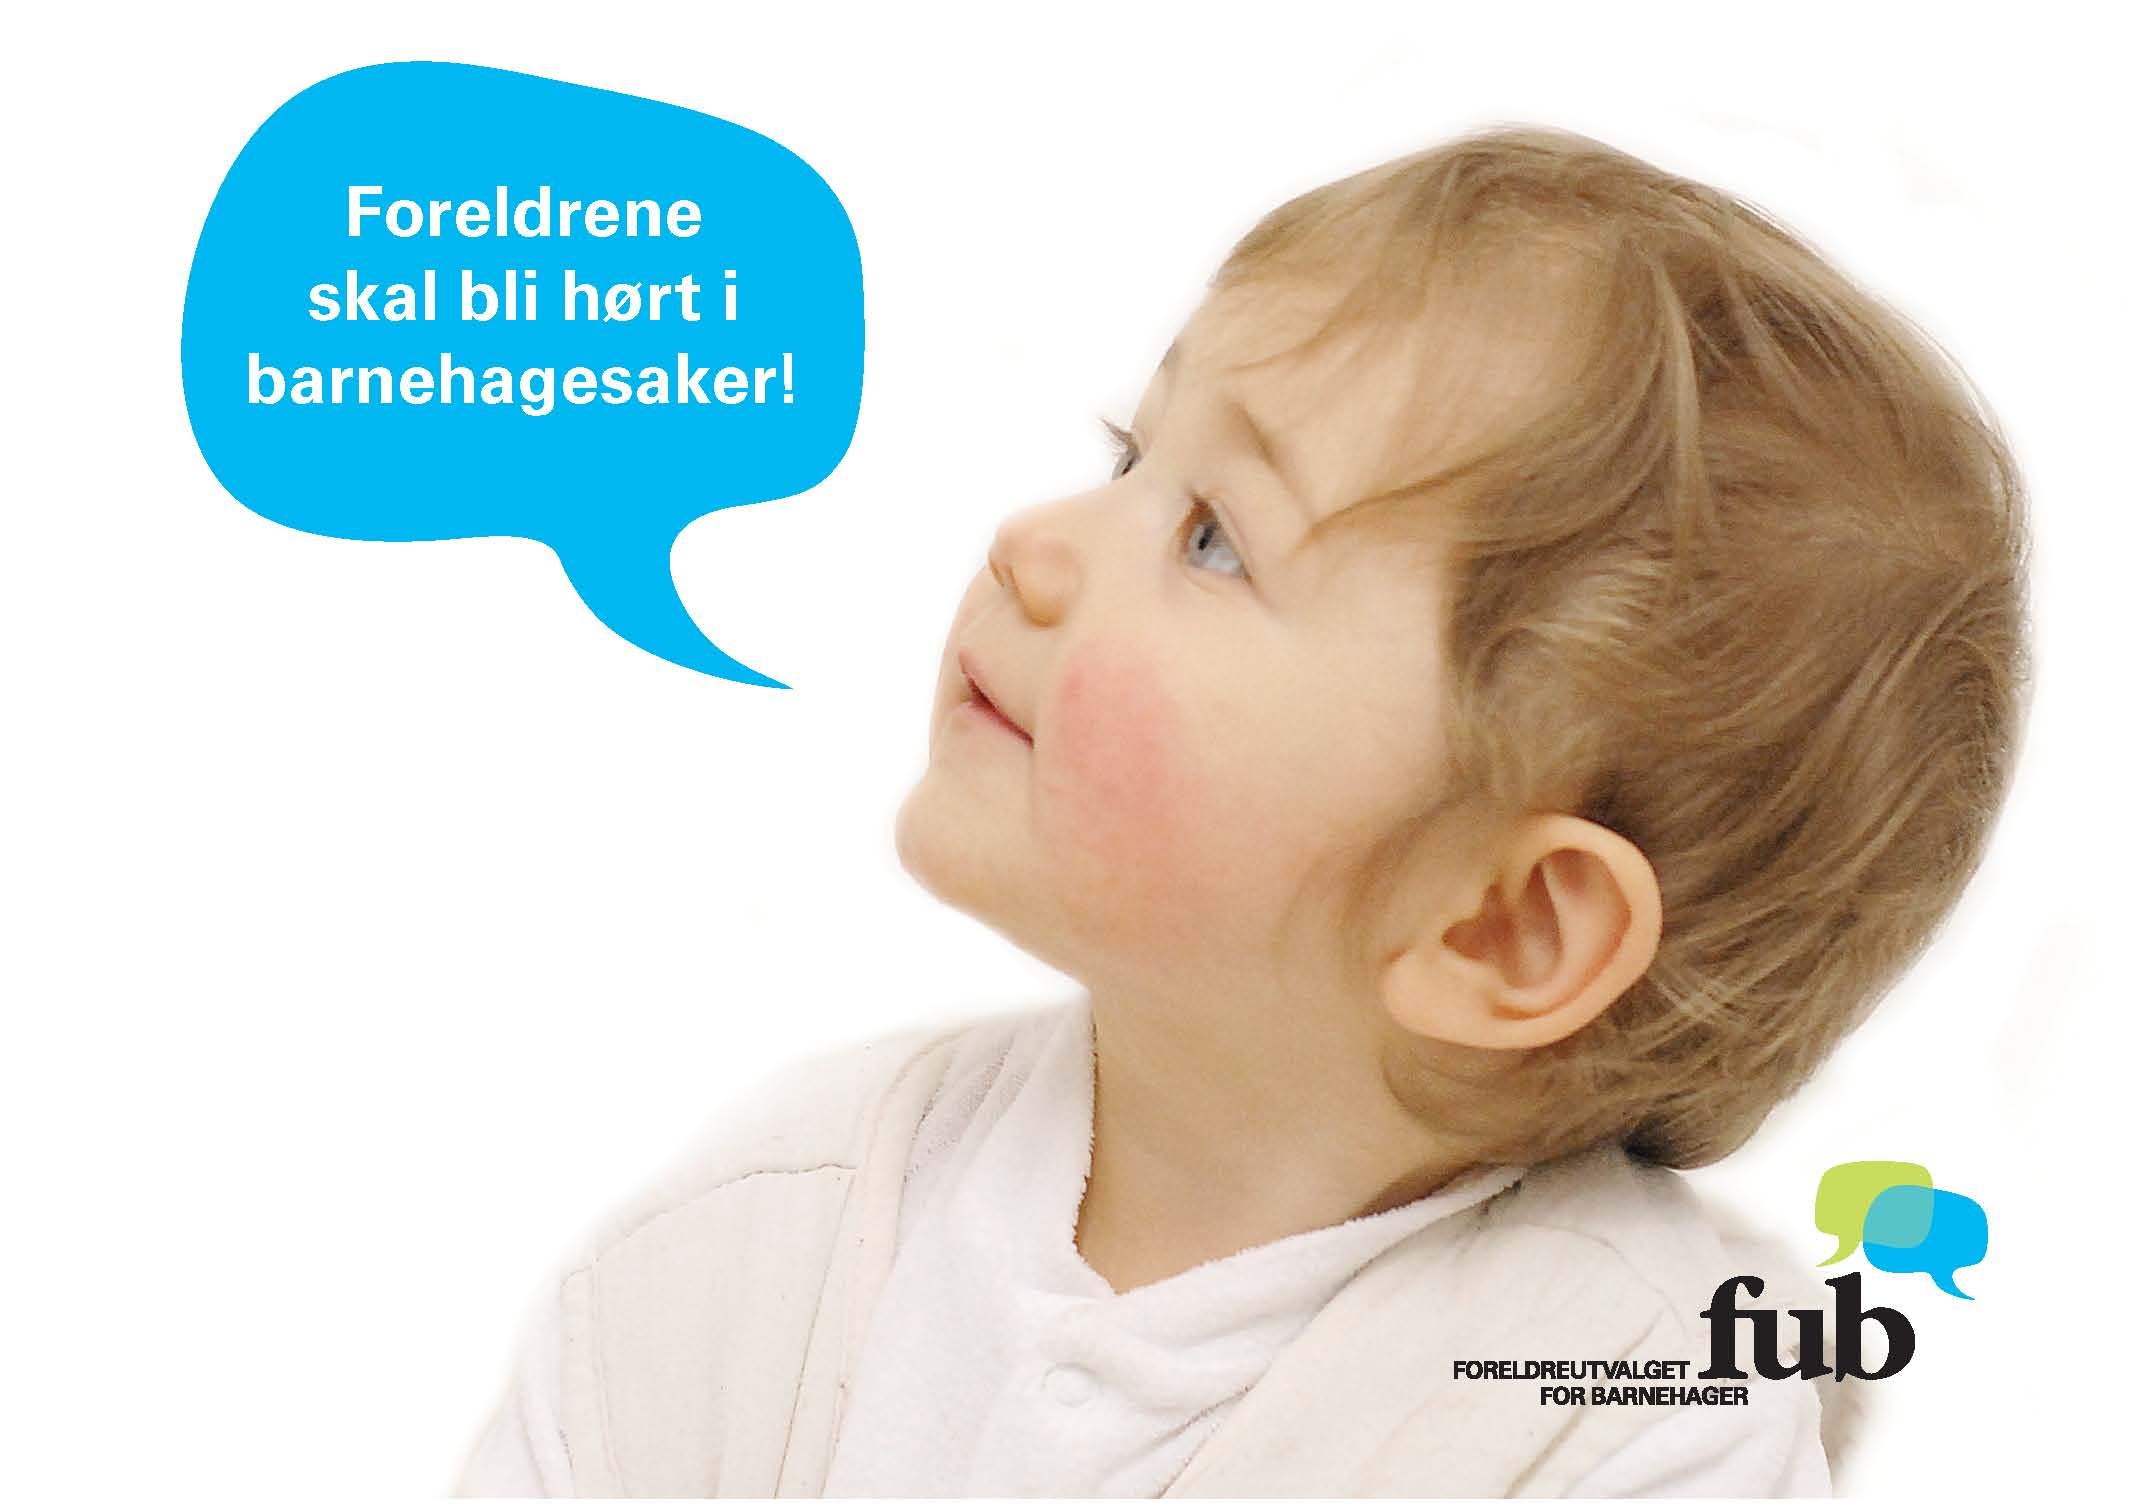 Postkort fra FUB (bokmål, bilde av forsiden)